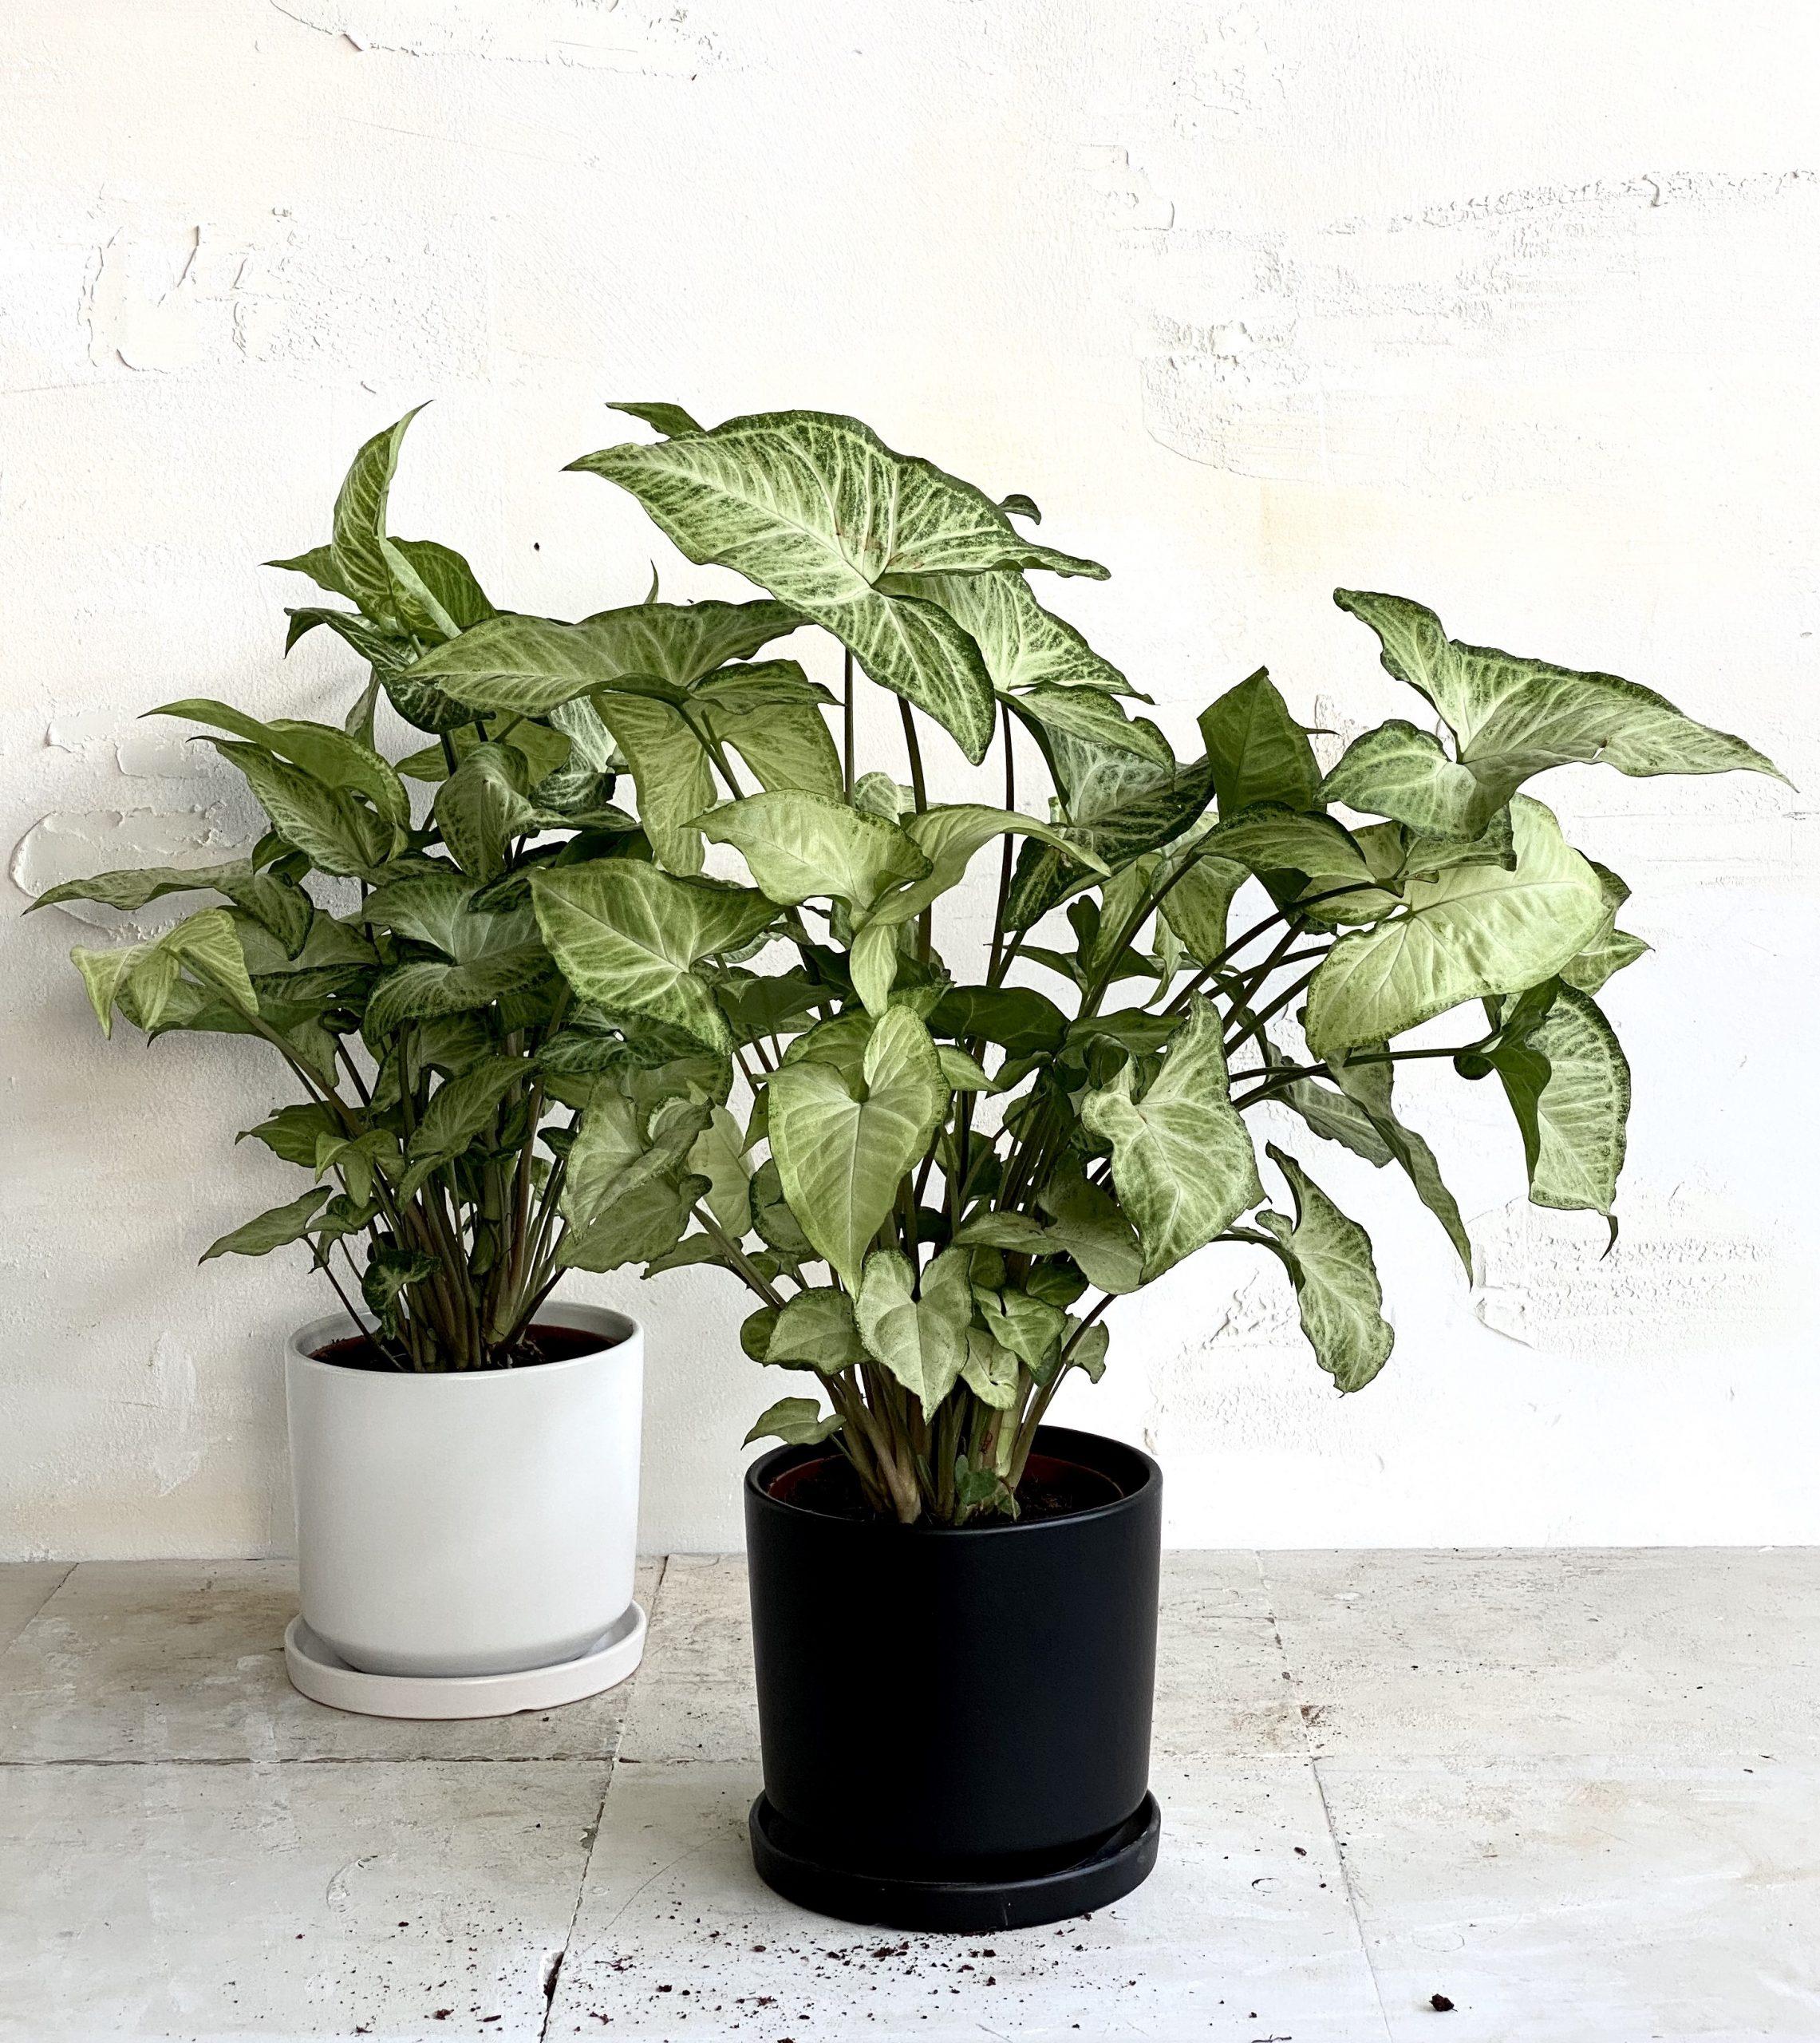 צמח מטפס לבית סינגוניום למראה שופע וטבעי